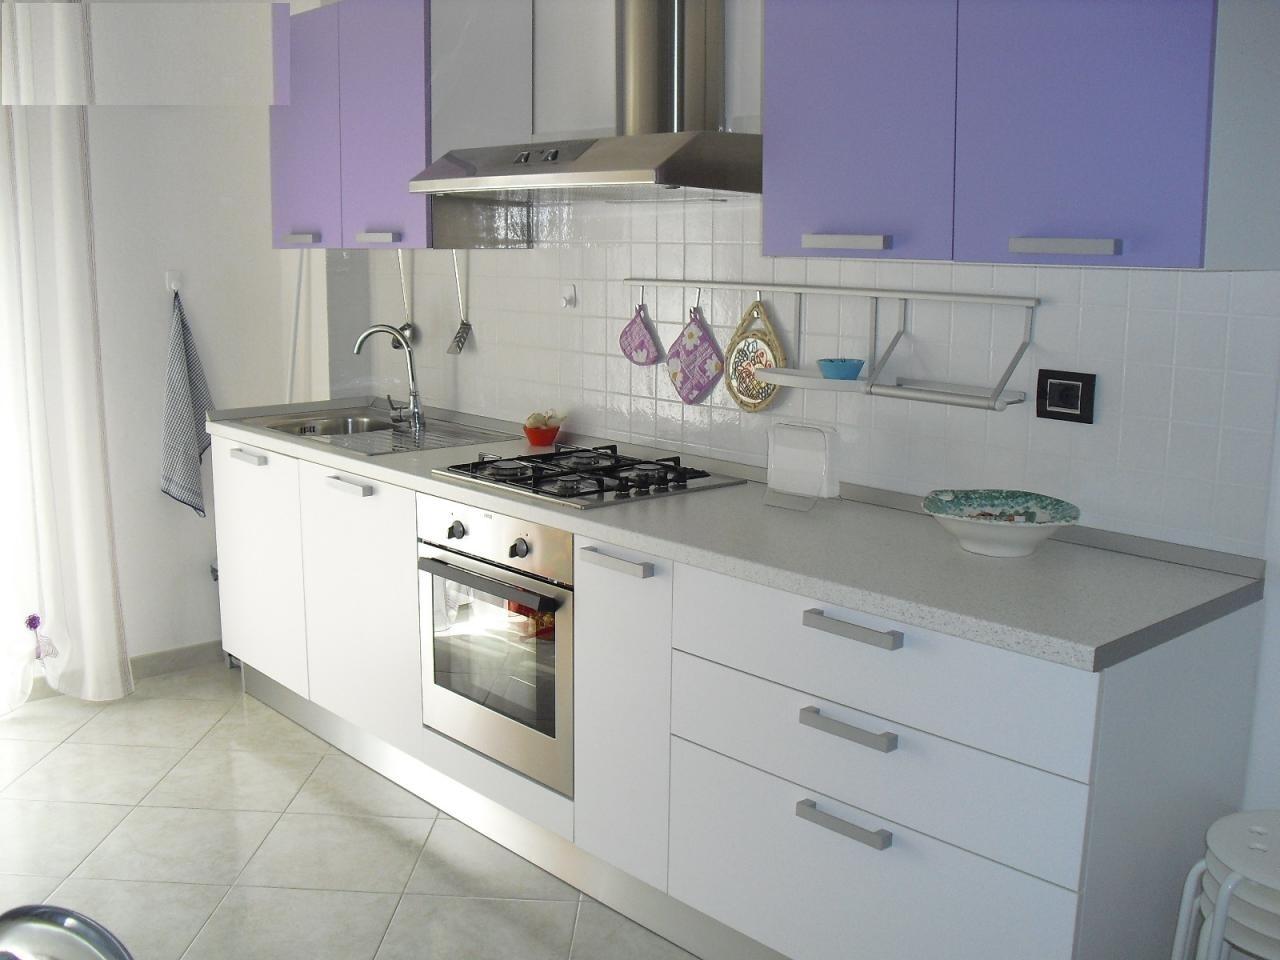 Appartamento in vendita a San Benedetto del Tronto, 3 locali, zona Località: PortodAscoli, prezzo € 170.000 | CambioCasa.it